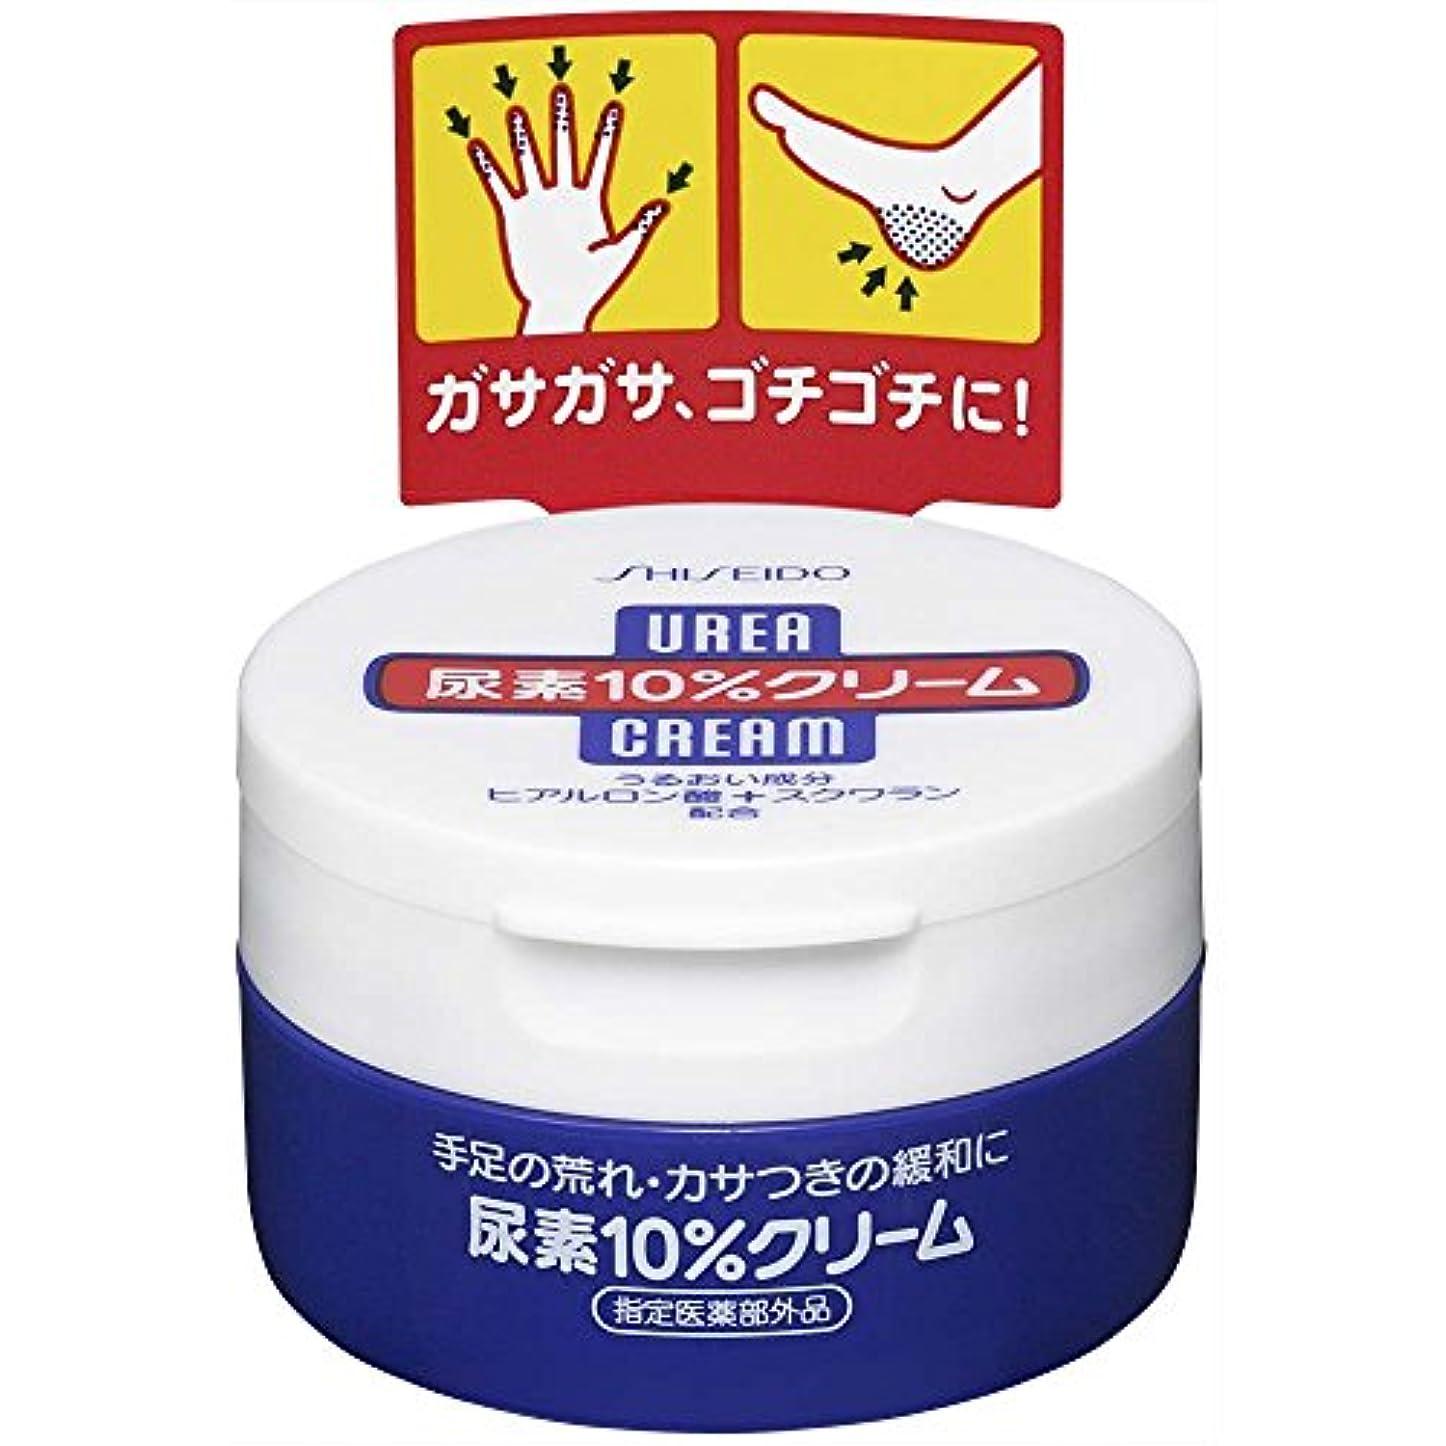 鹿カードドル尿素10% クリーム 100g